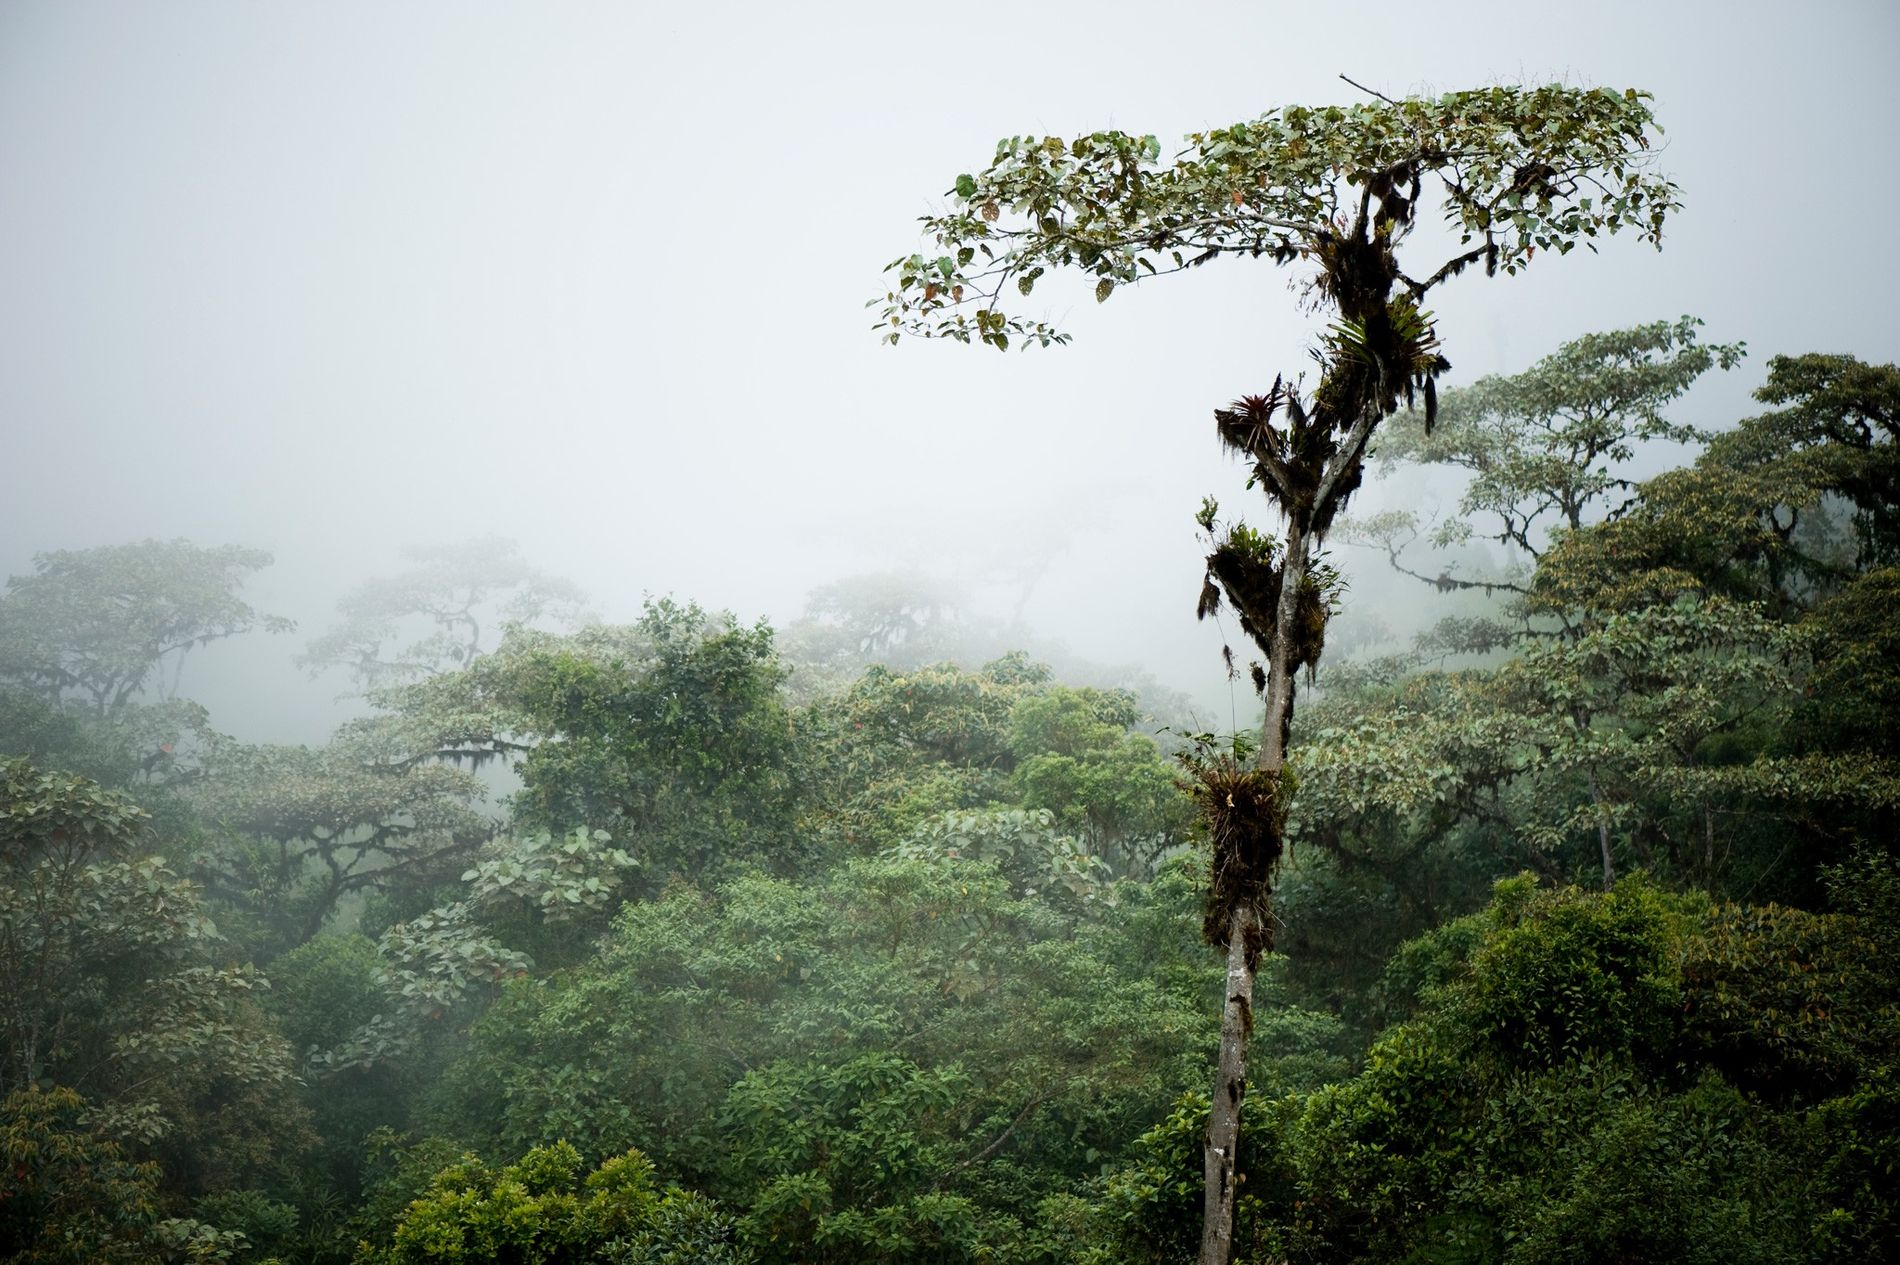 In den Nebelwäldern Ecuadors verbergen sich Spuren der Agrargesellschaft, die die Region einst bevölkerte.